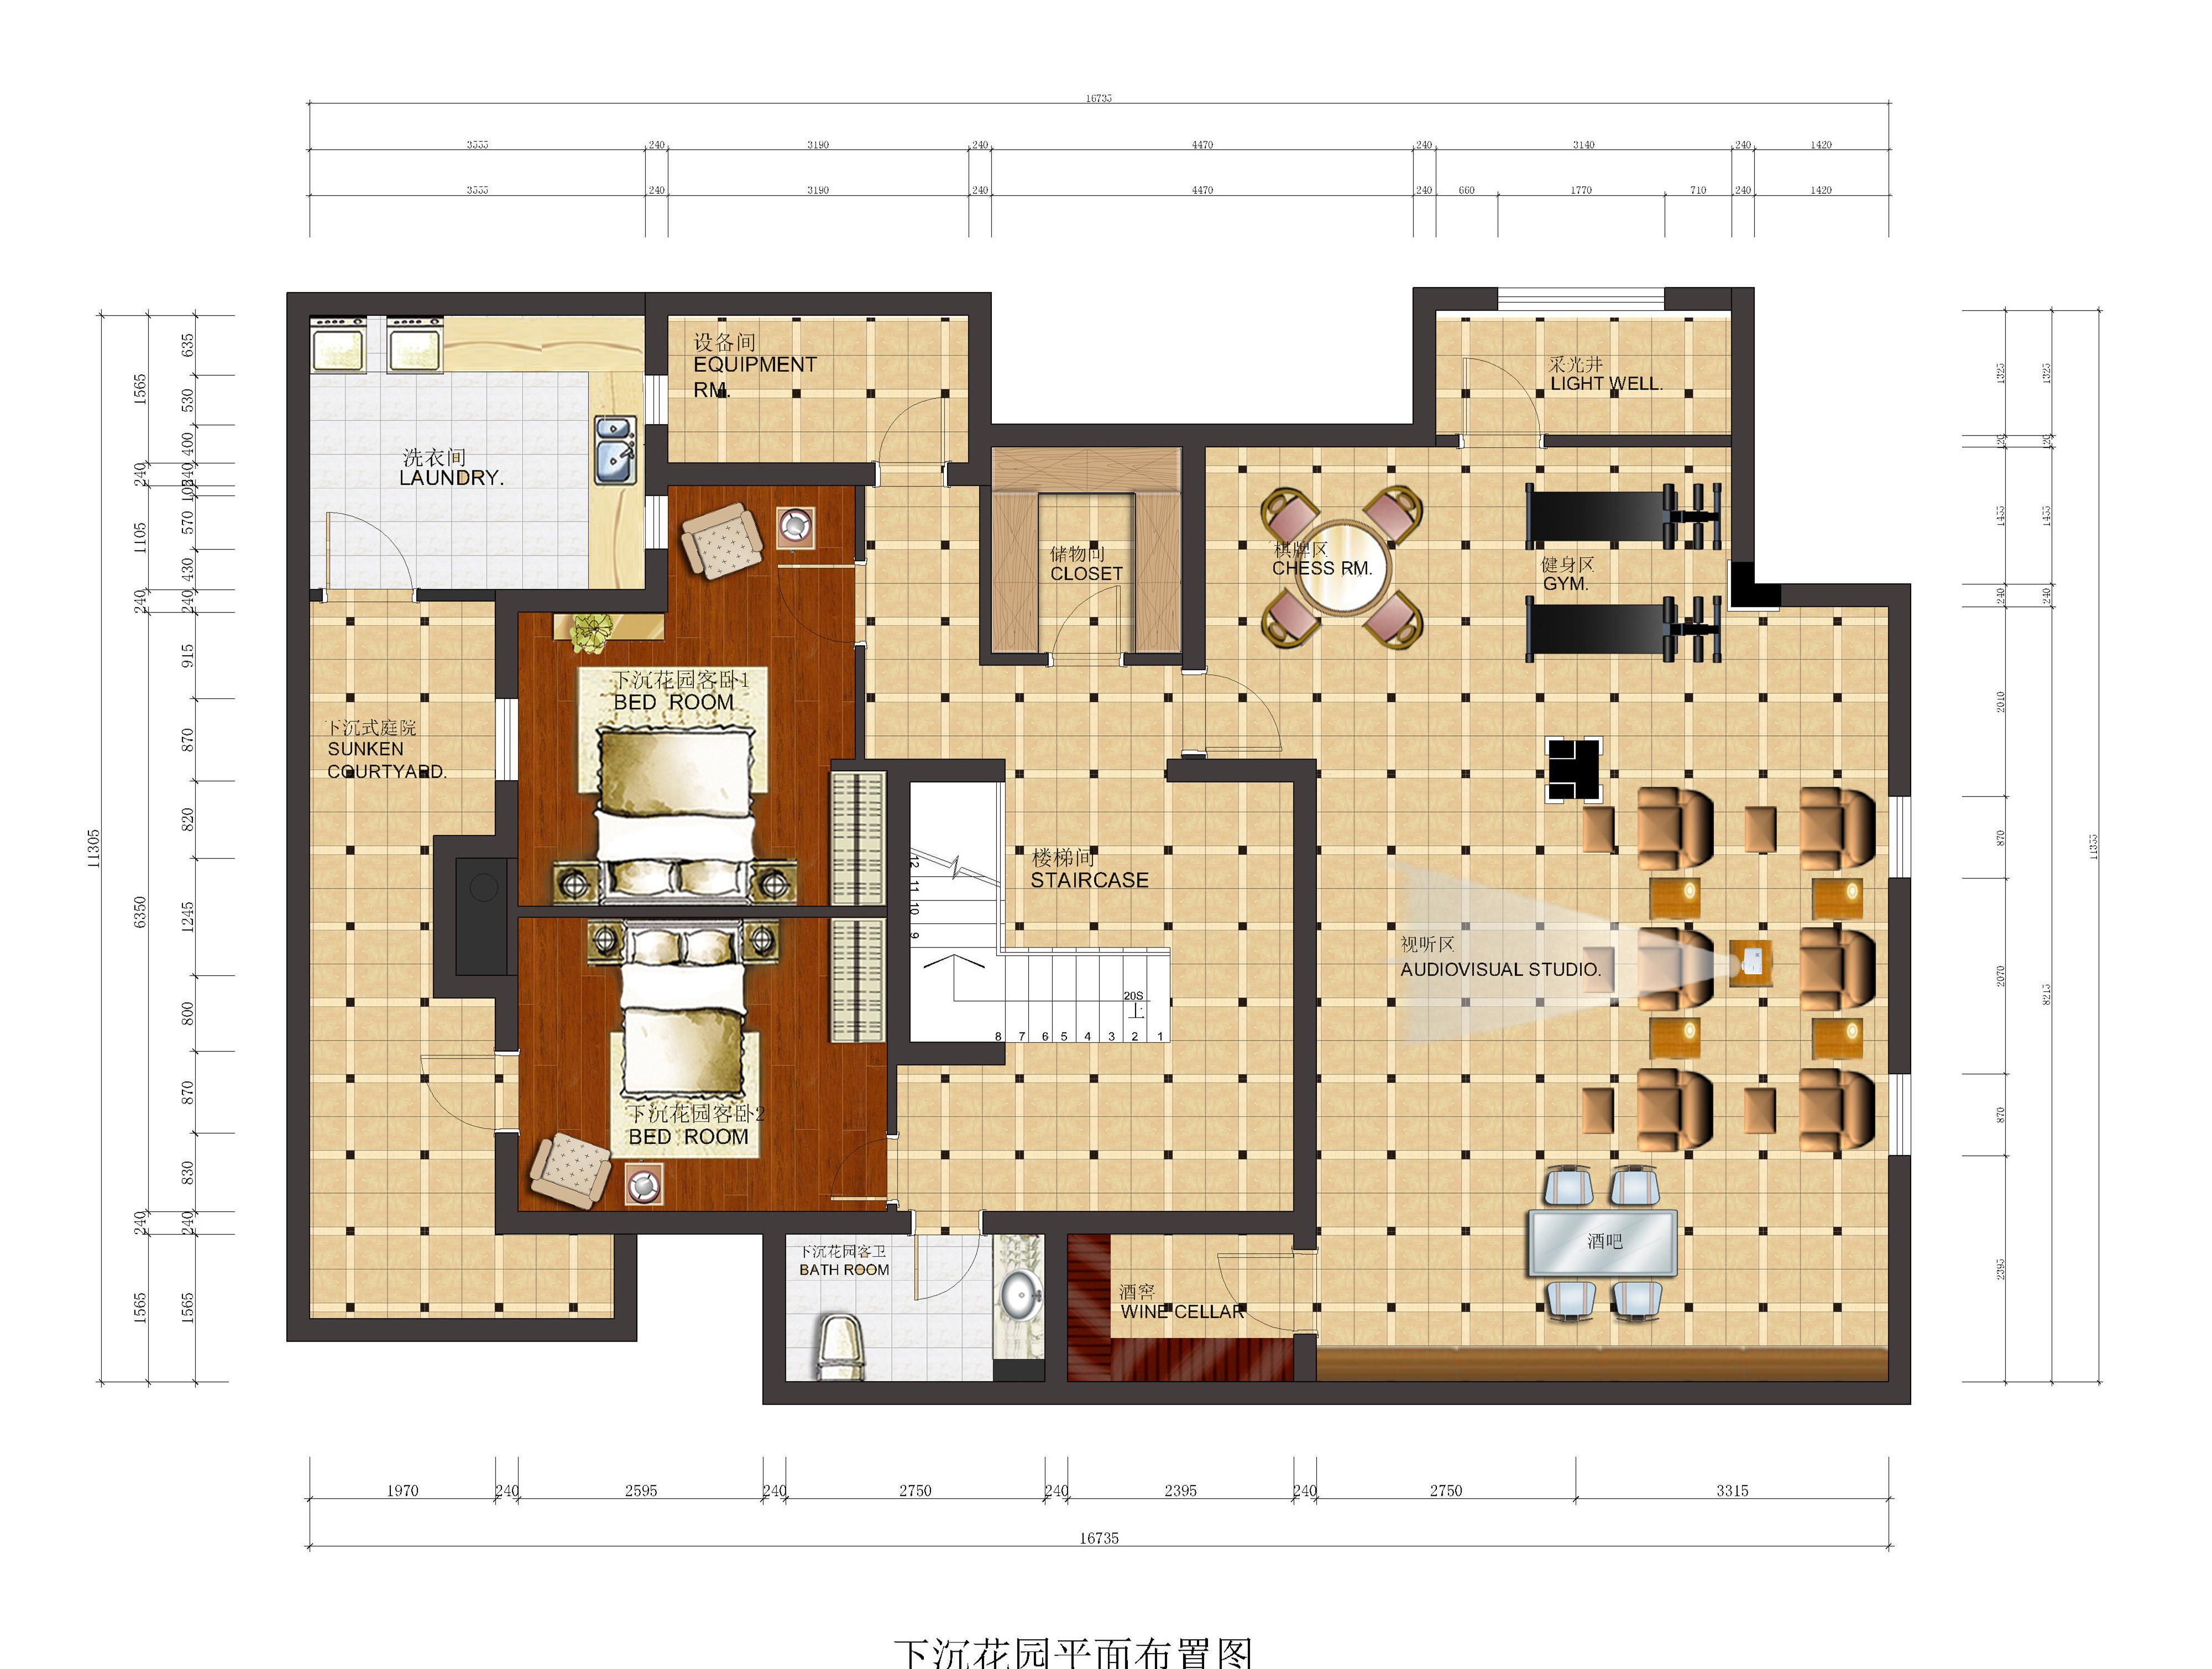 在这个方案内,卧室地面采用实木复合地板拼花,美观大方.图片